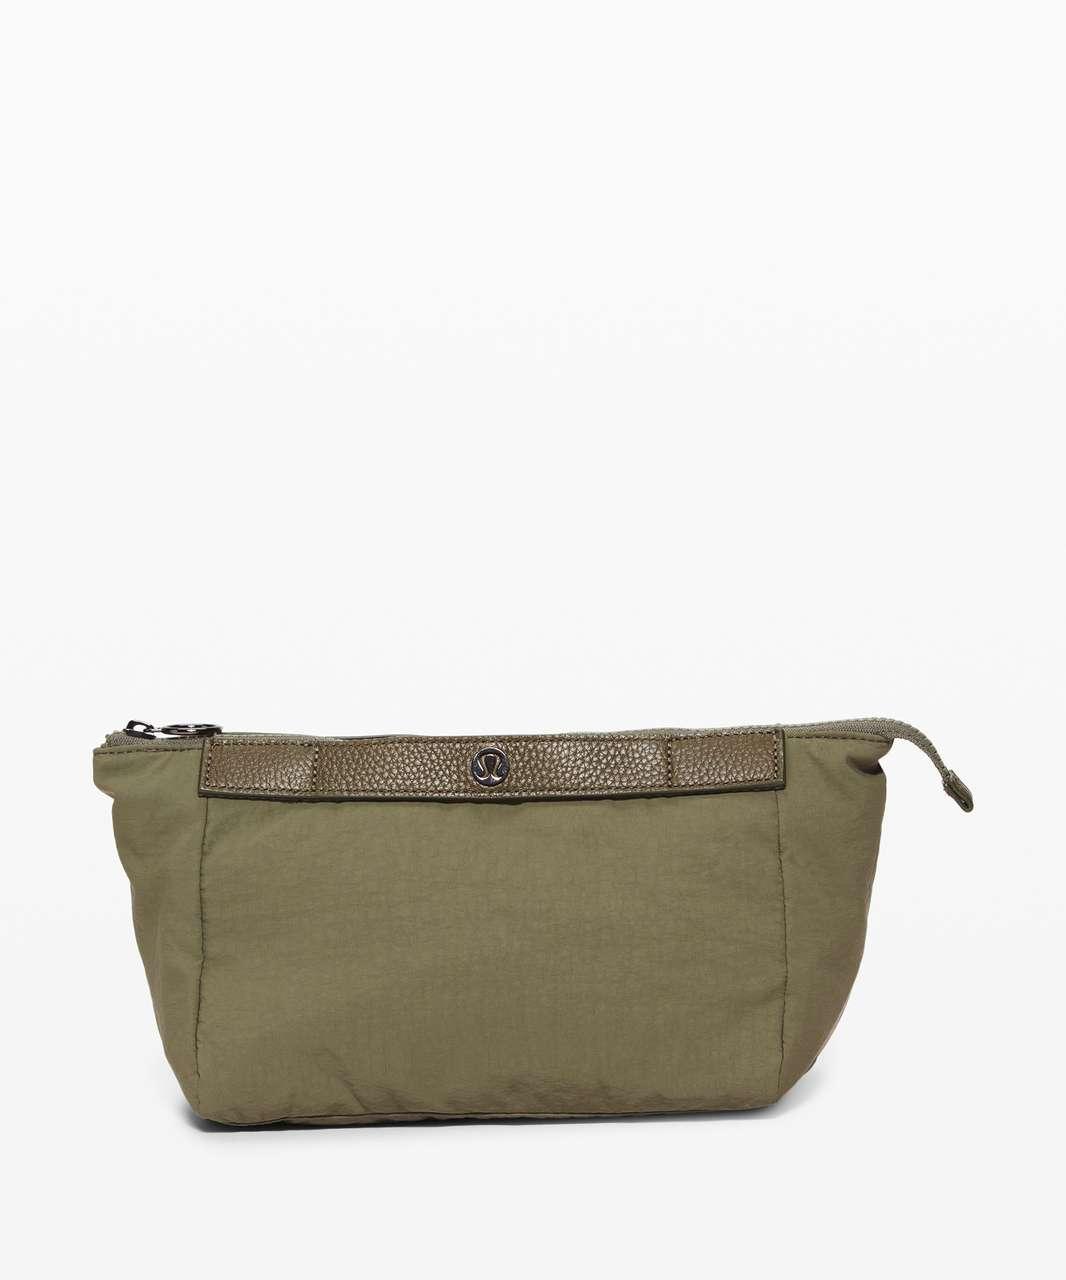 Lululemon Travel Easy Kit *4.5L - Medium Olive